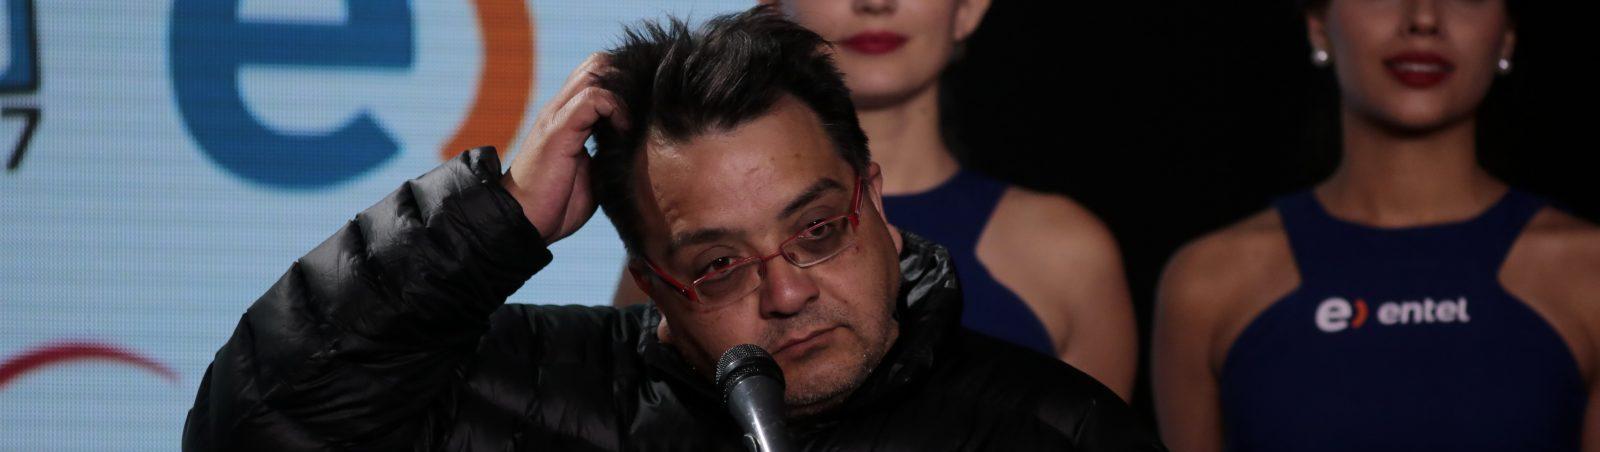 28 FEBRERO de 2016/VIÑA DEL MAR Productor Alex Hernandez, durante la ultima conferencia de prensa luego de finalizado el Festival de Viña del Mar 2016. FOTO:PABLO ROJAS MADARIAGA/AGENCIAUNO